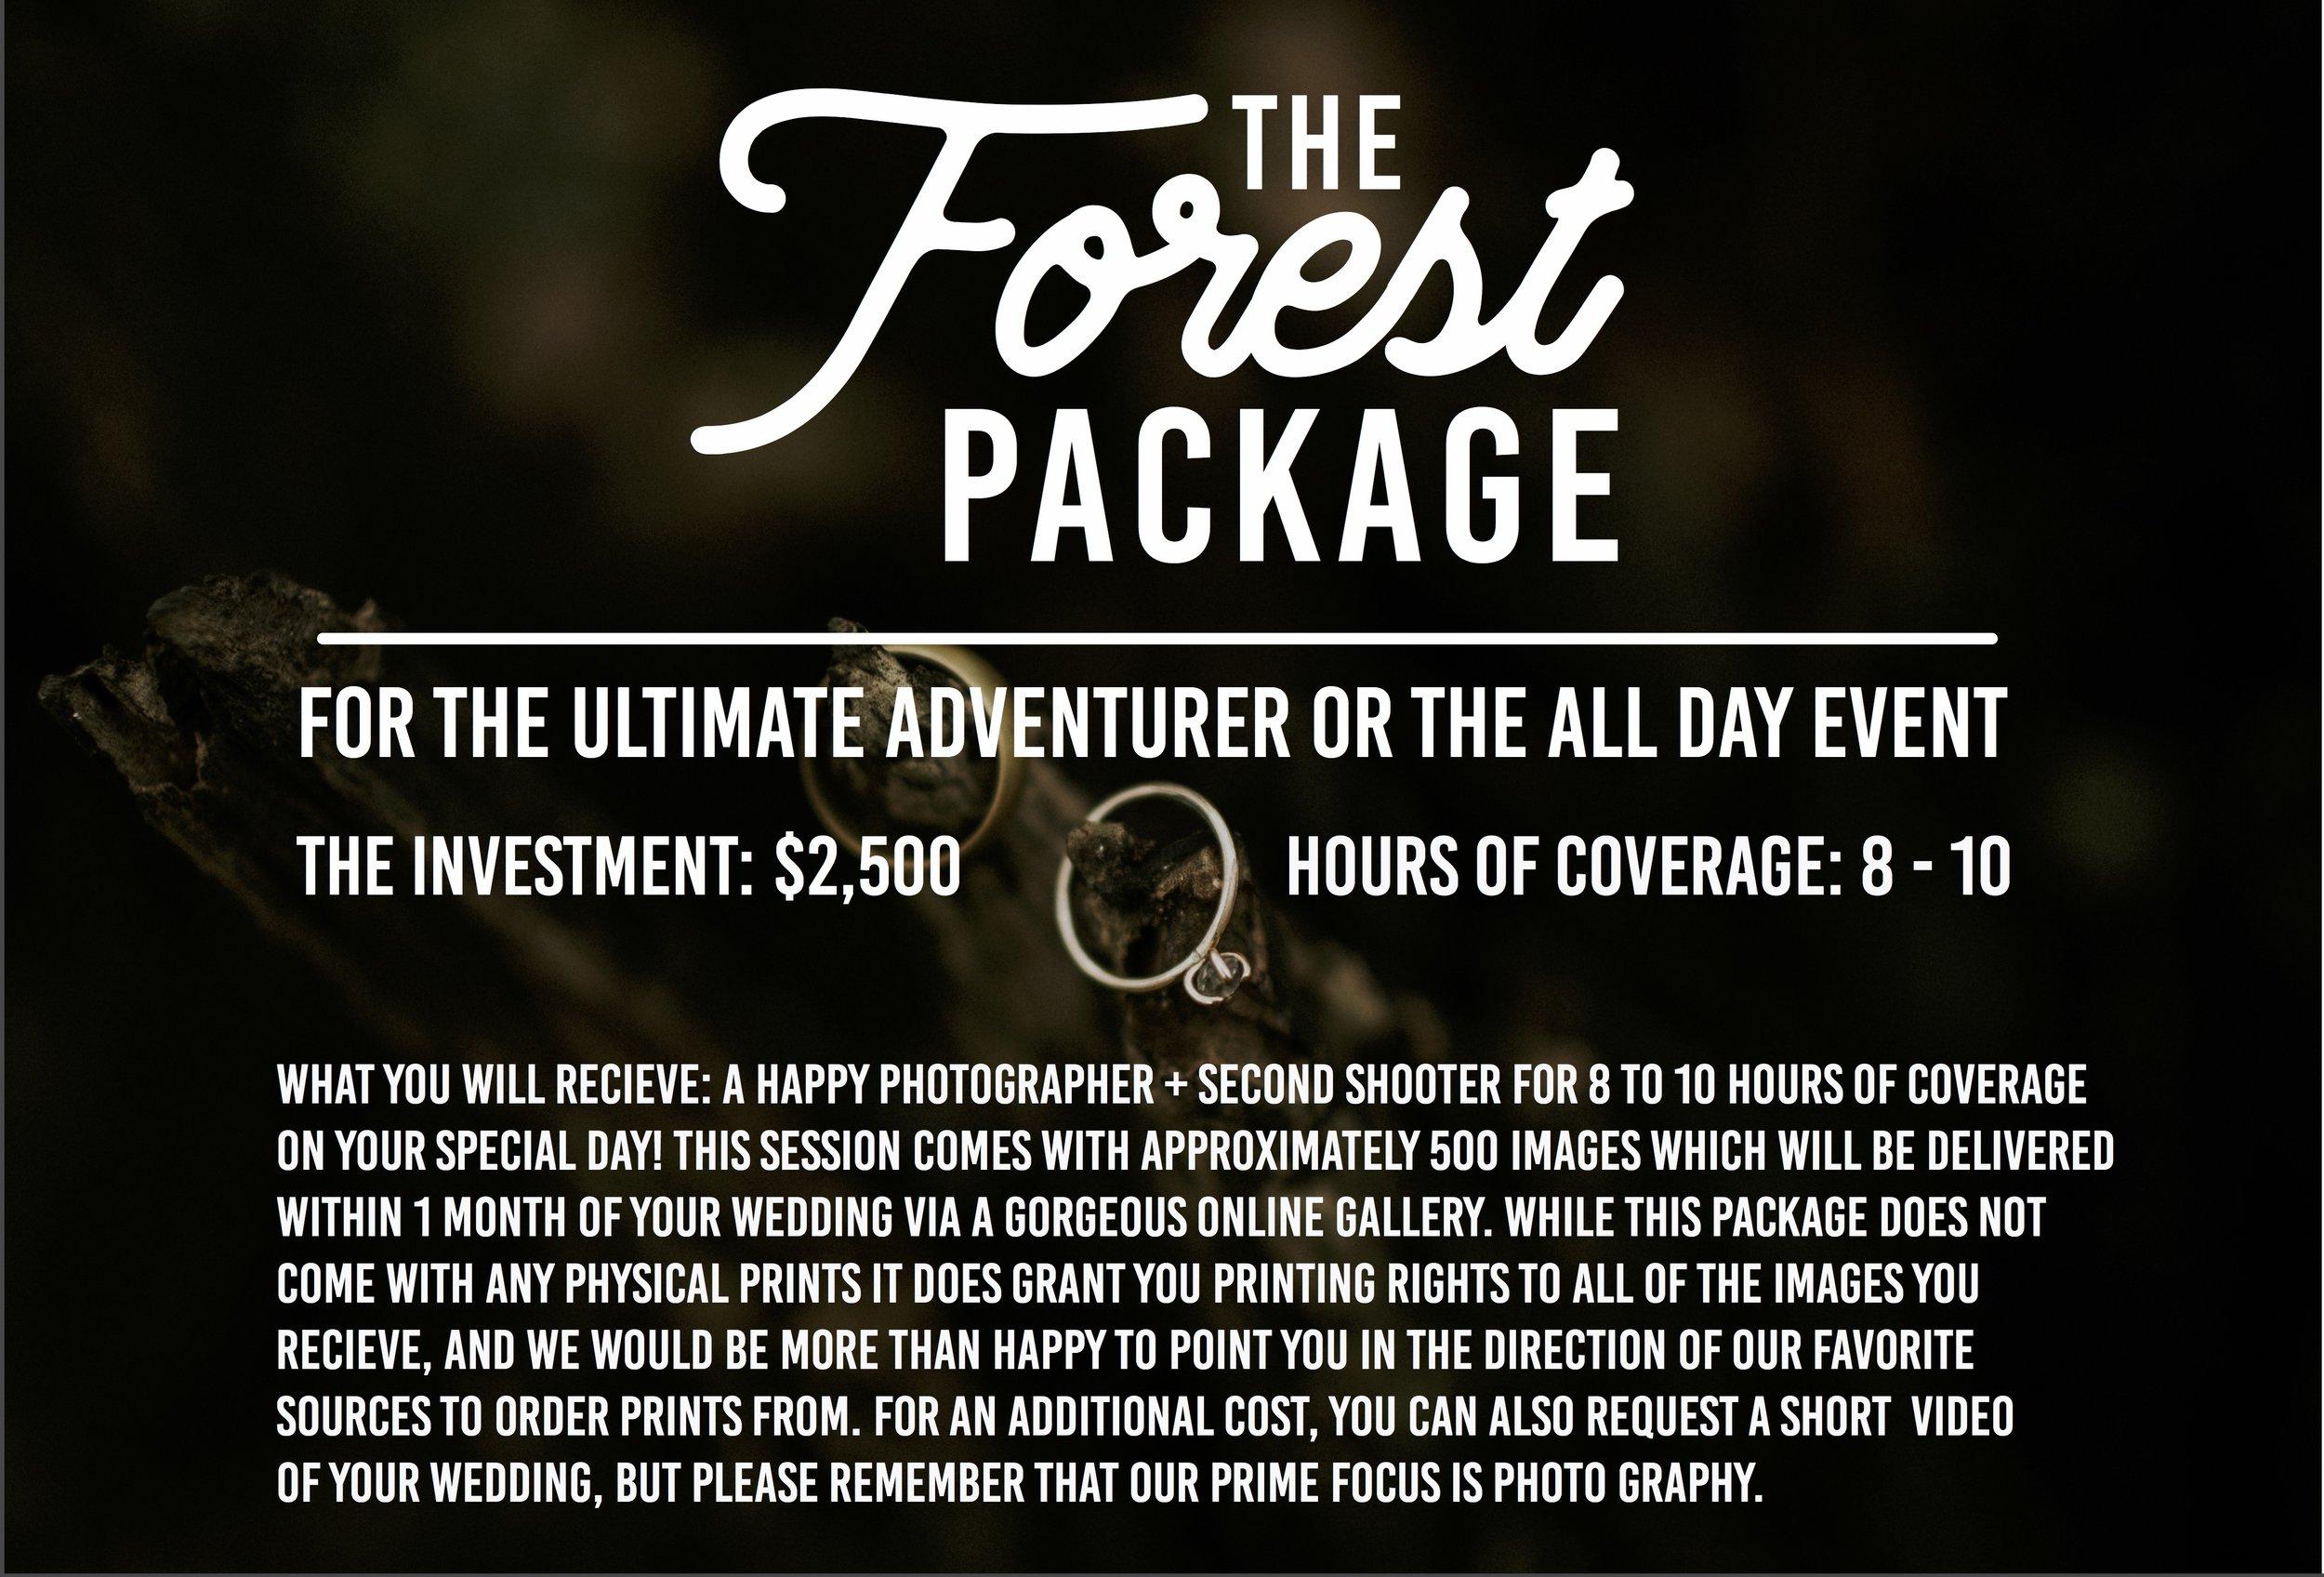 forestPackage.jpg